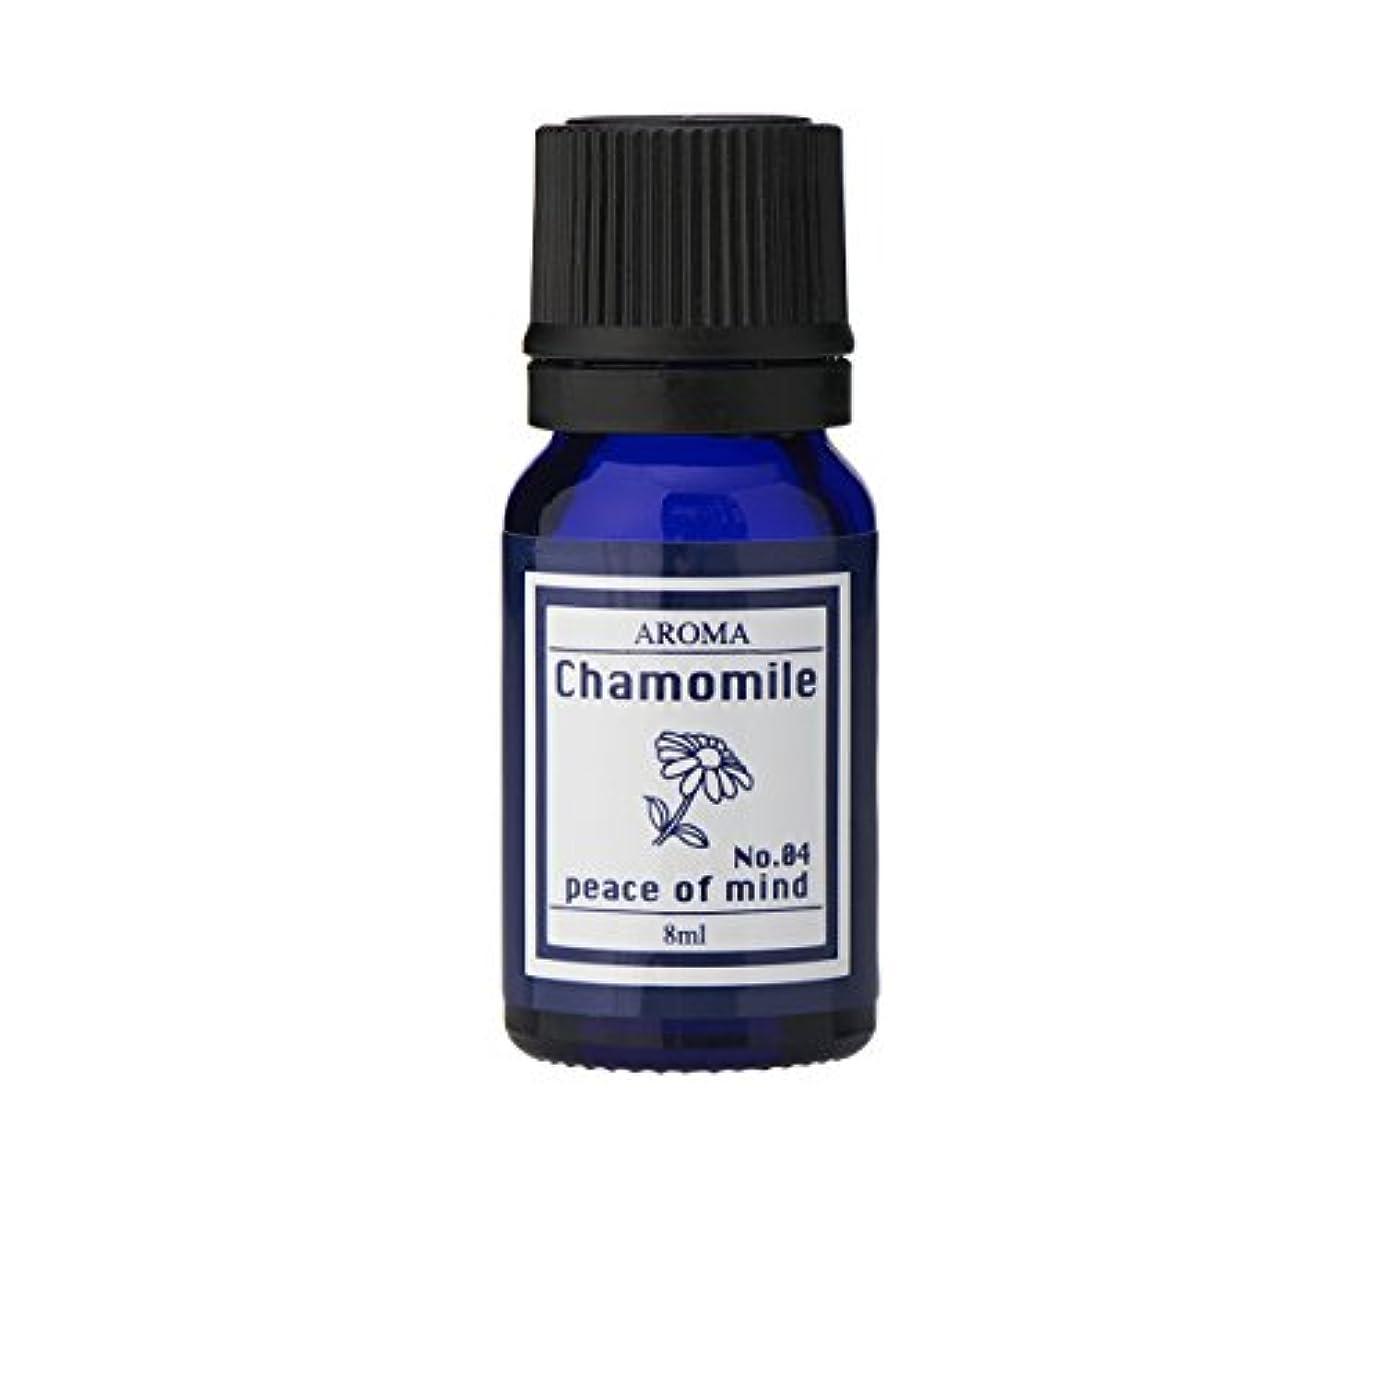 傷跡パッド傾斜ブルーラベル アロマエッセンス8ml カモマイル(アロマオイル 調合香料 芳香用)